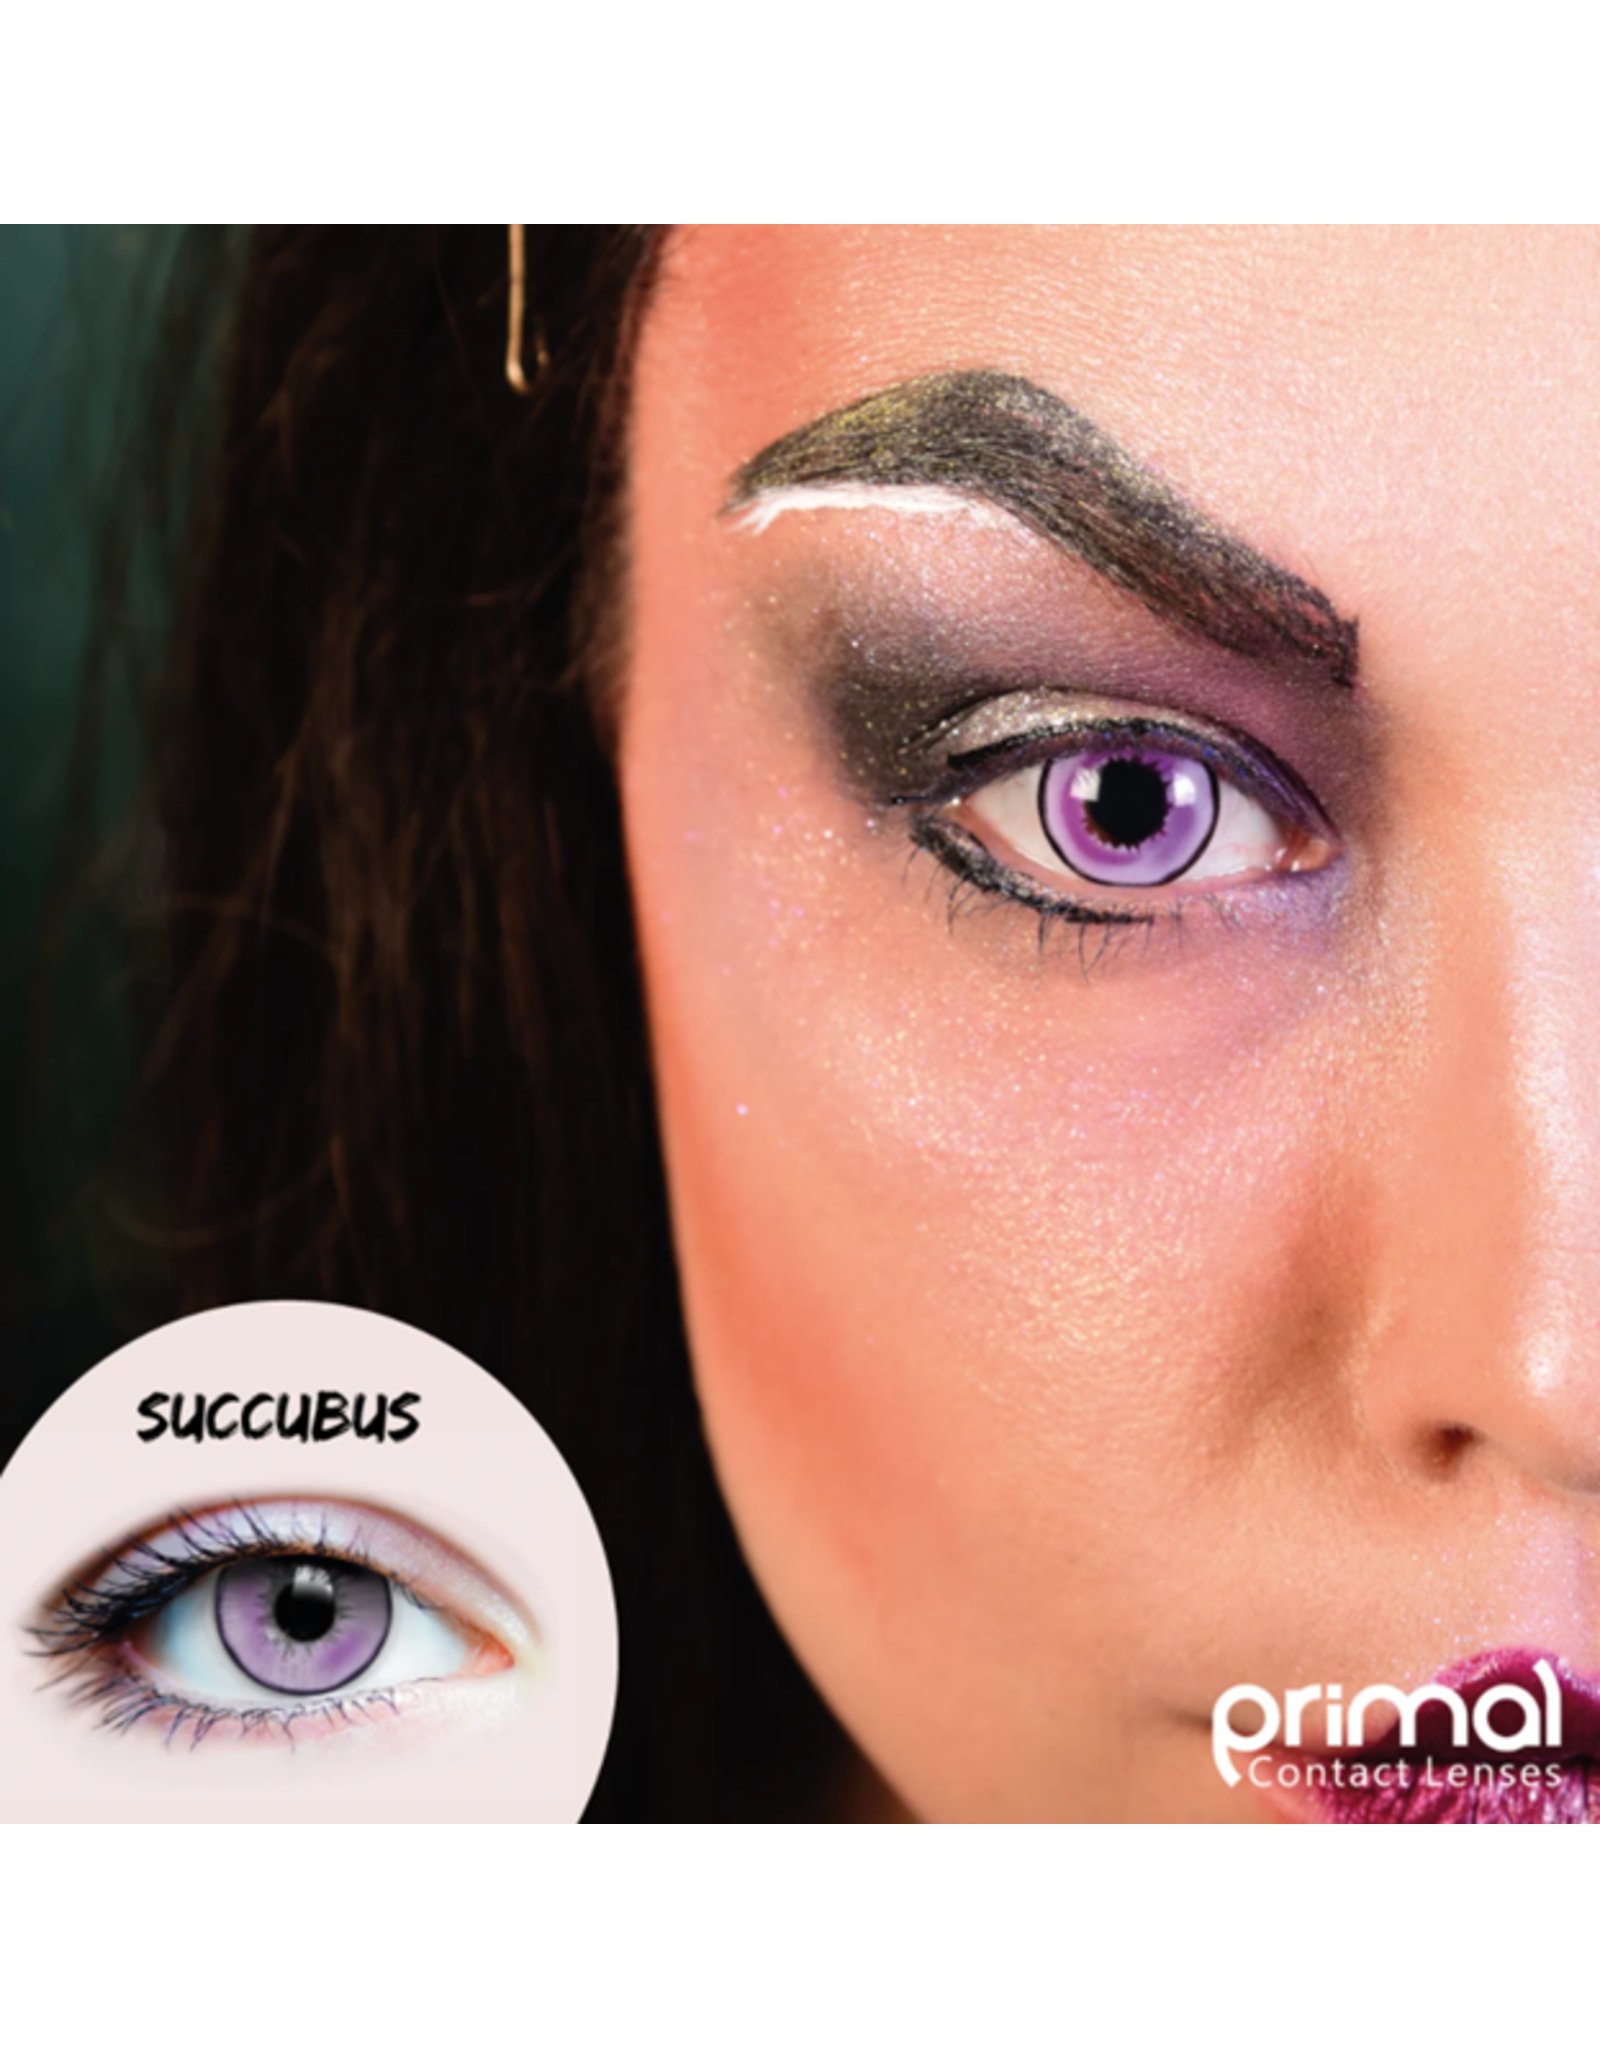 Primal Costume Contact Lenses - Succubus